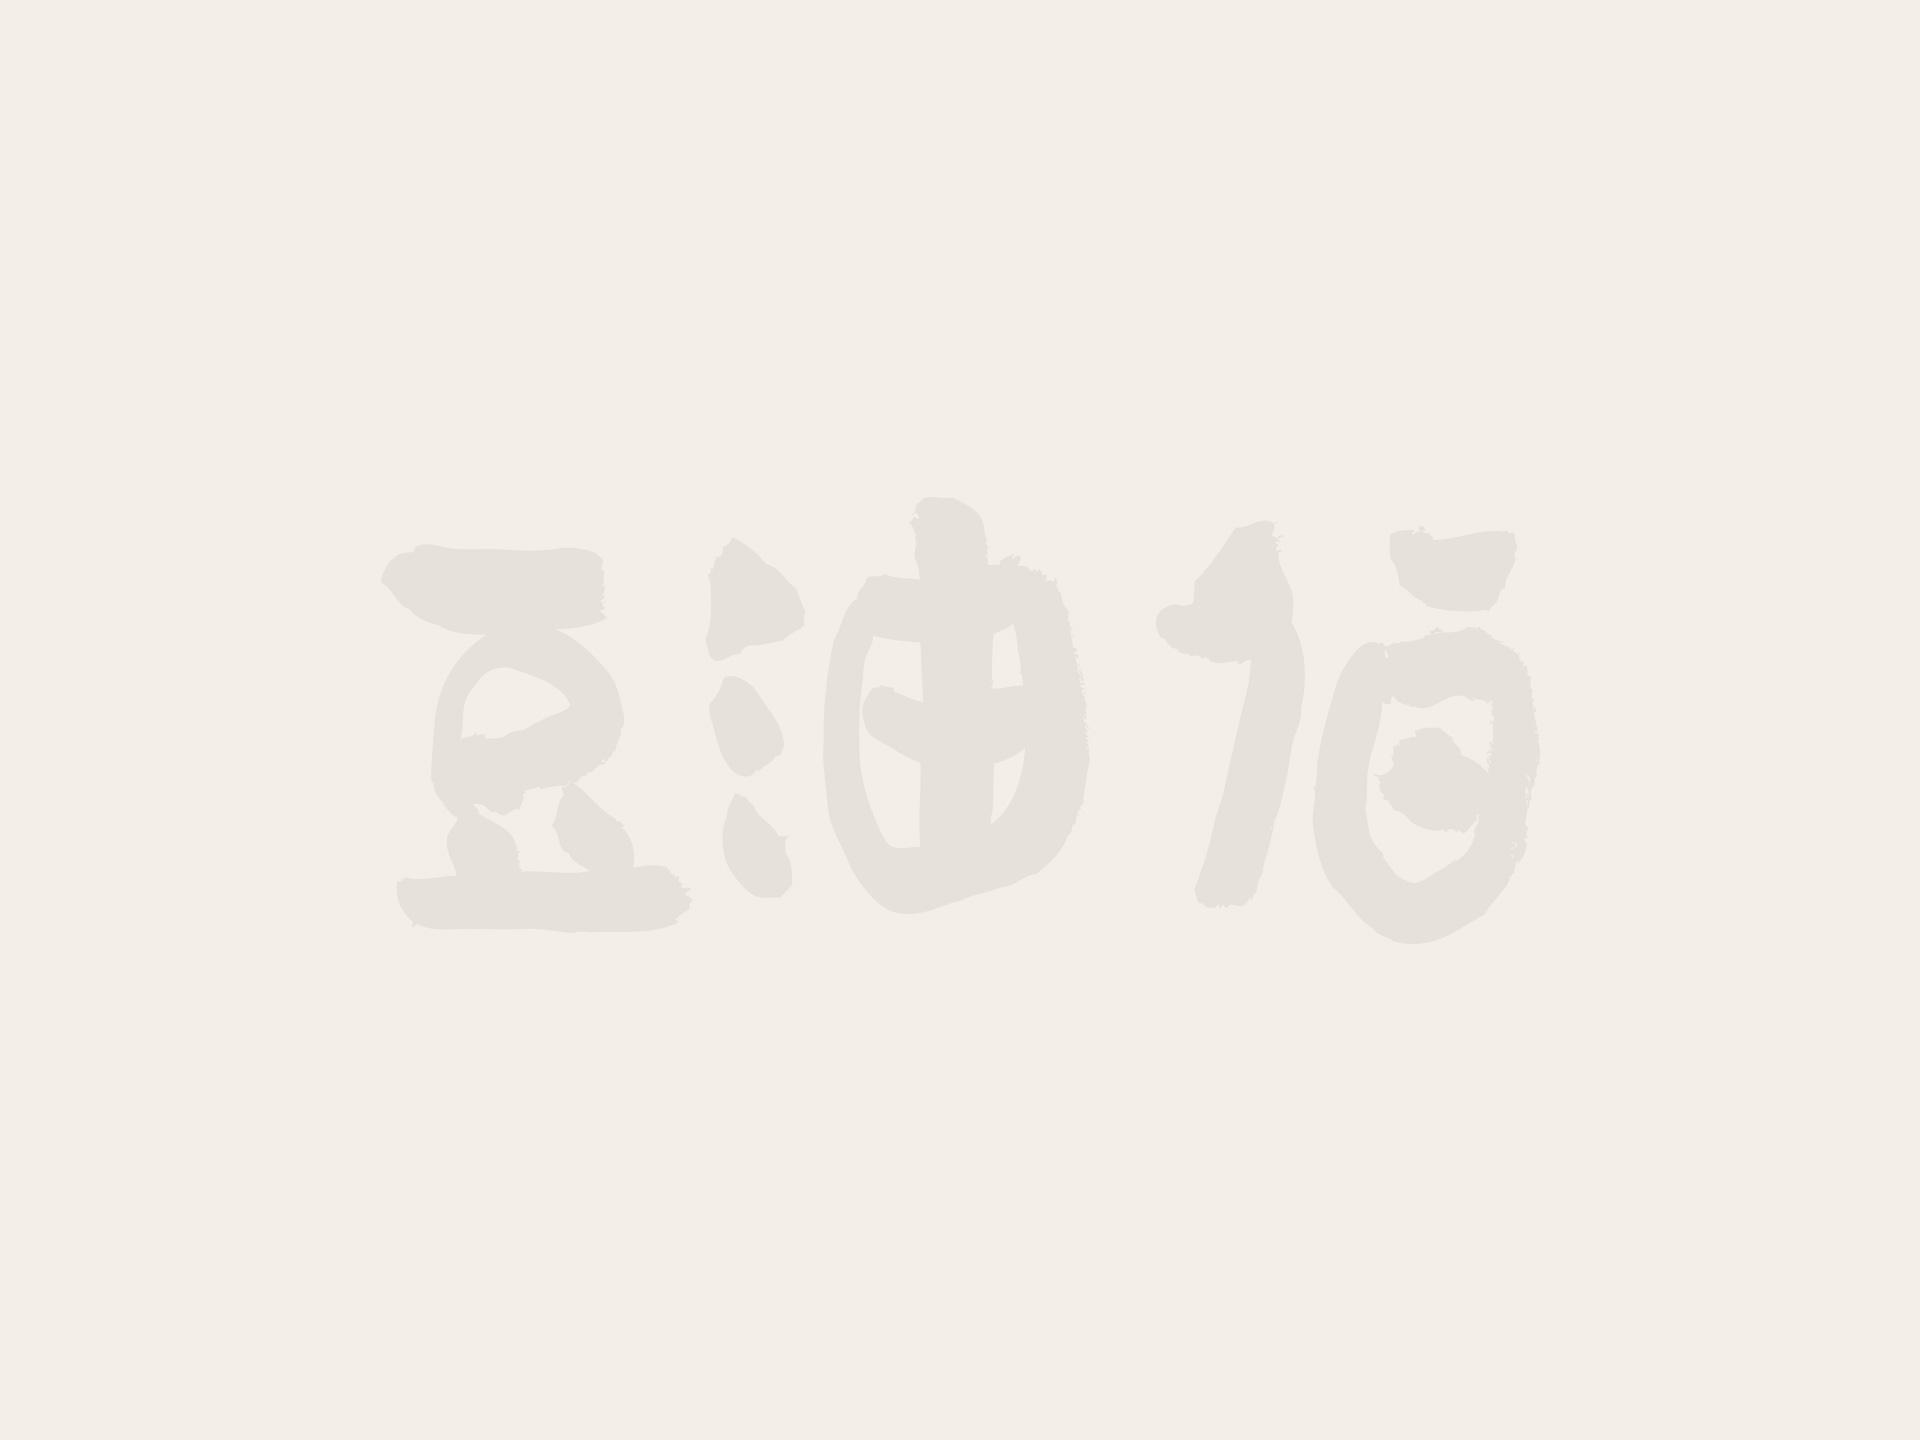 檜藝人生:檜木香木筷組(囍‧百年好合)含筷套